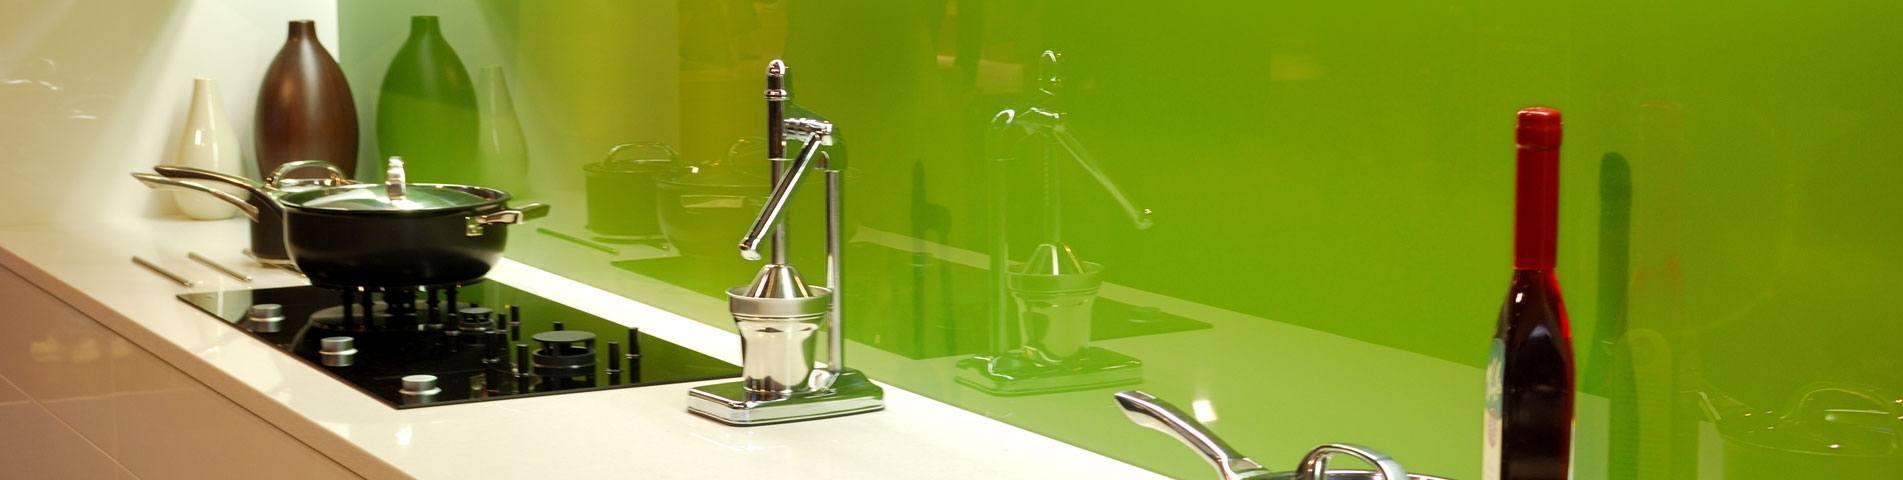 glass-nottingham